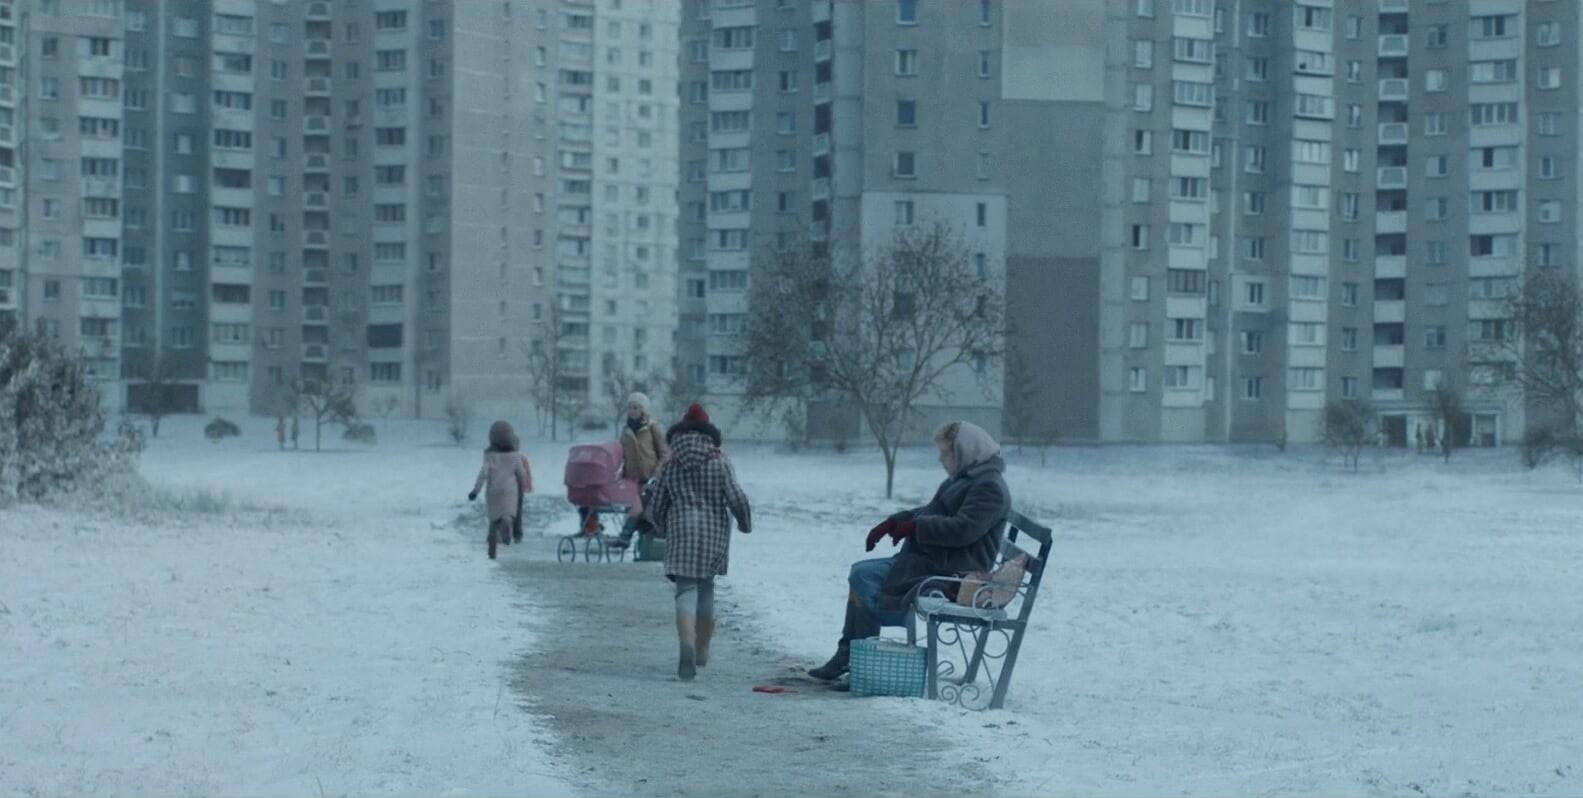 Несколько сцен Чернобыля сняли в Киеве